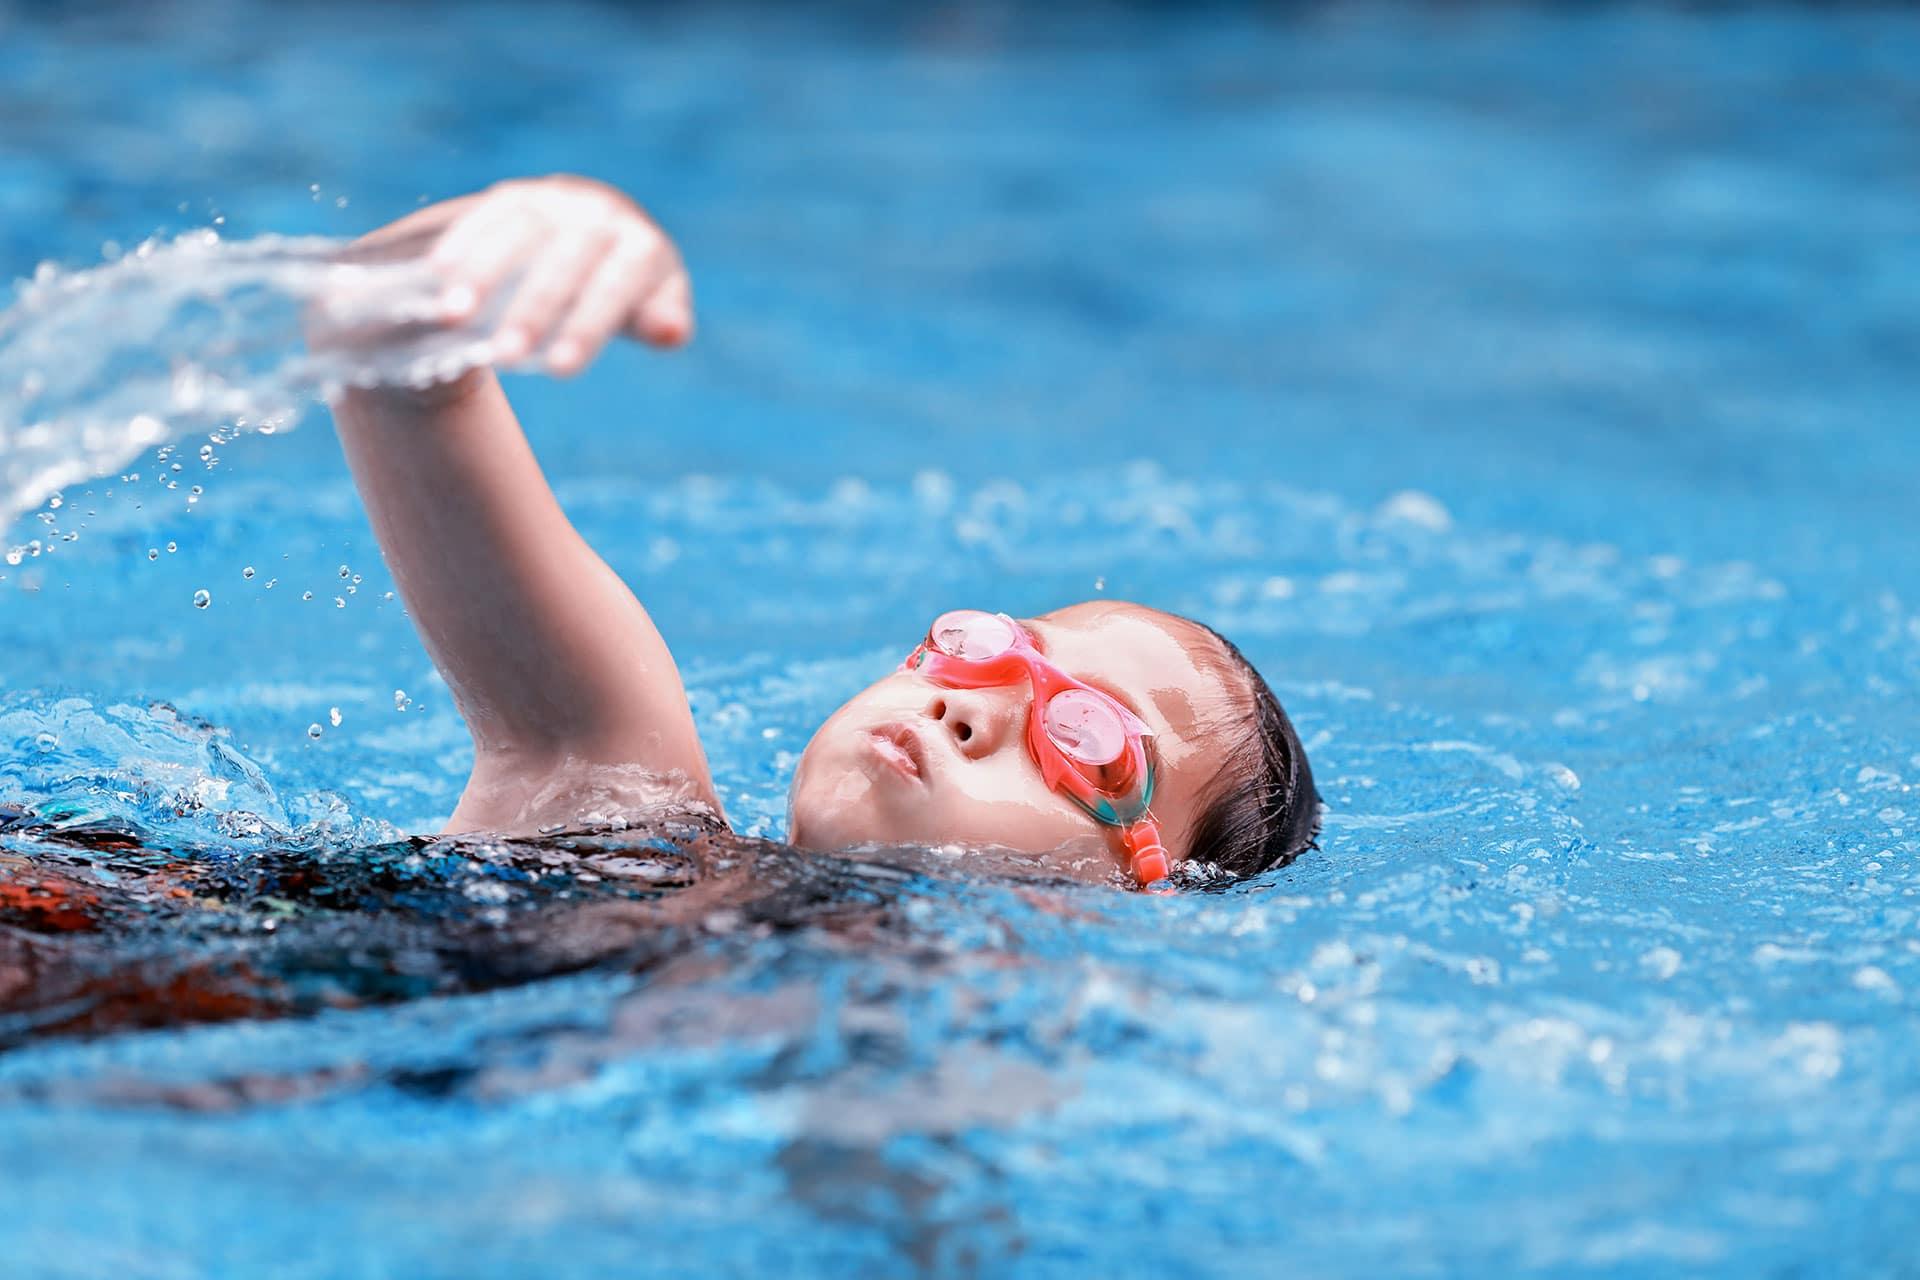 Ecole de natation pour enfants à Seyssinet